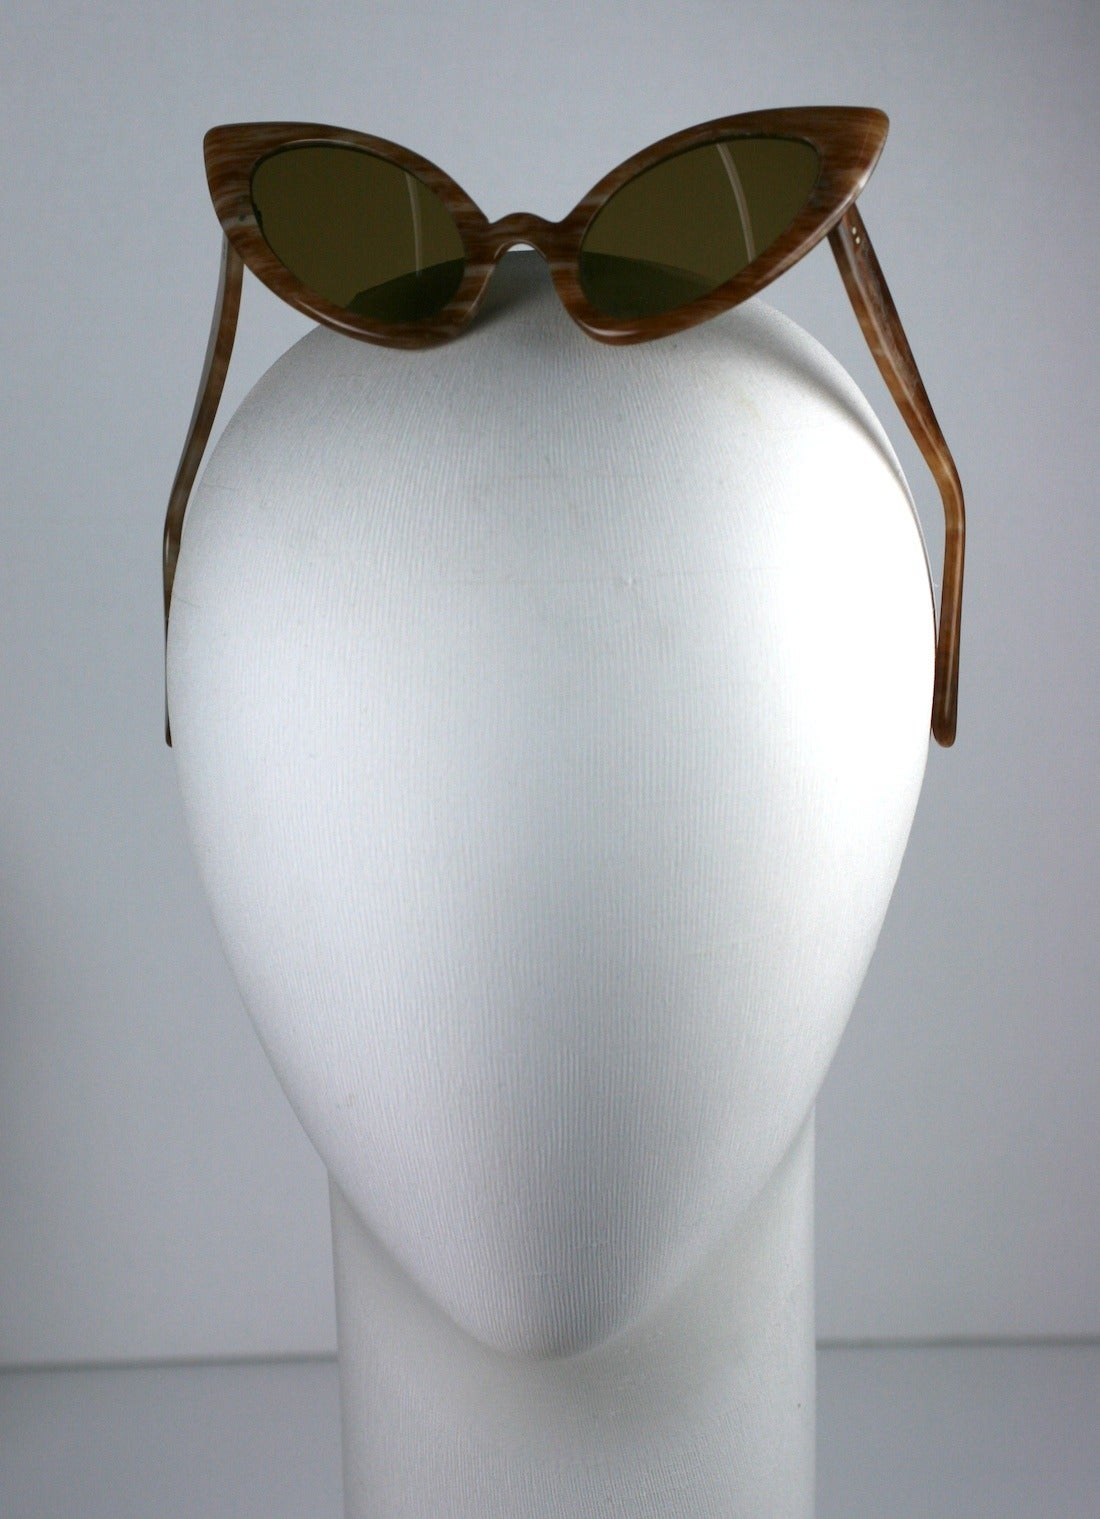 Oleg Cassini Alien Sunglasses 7